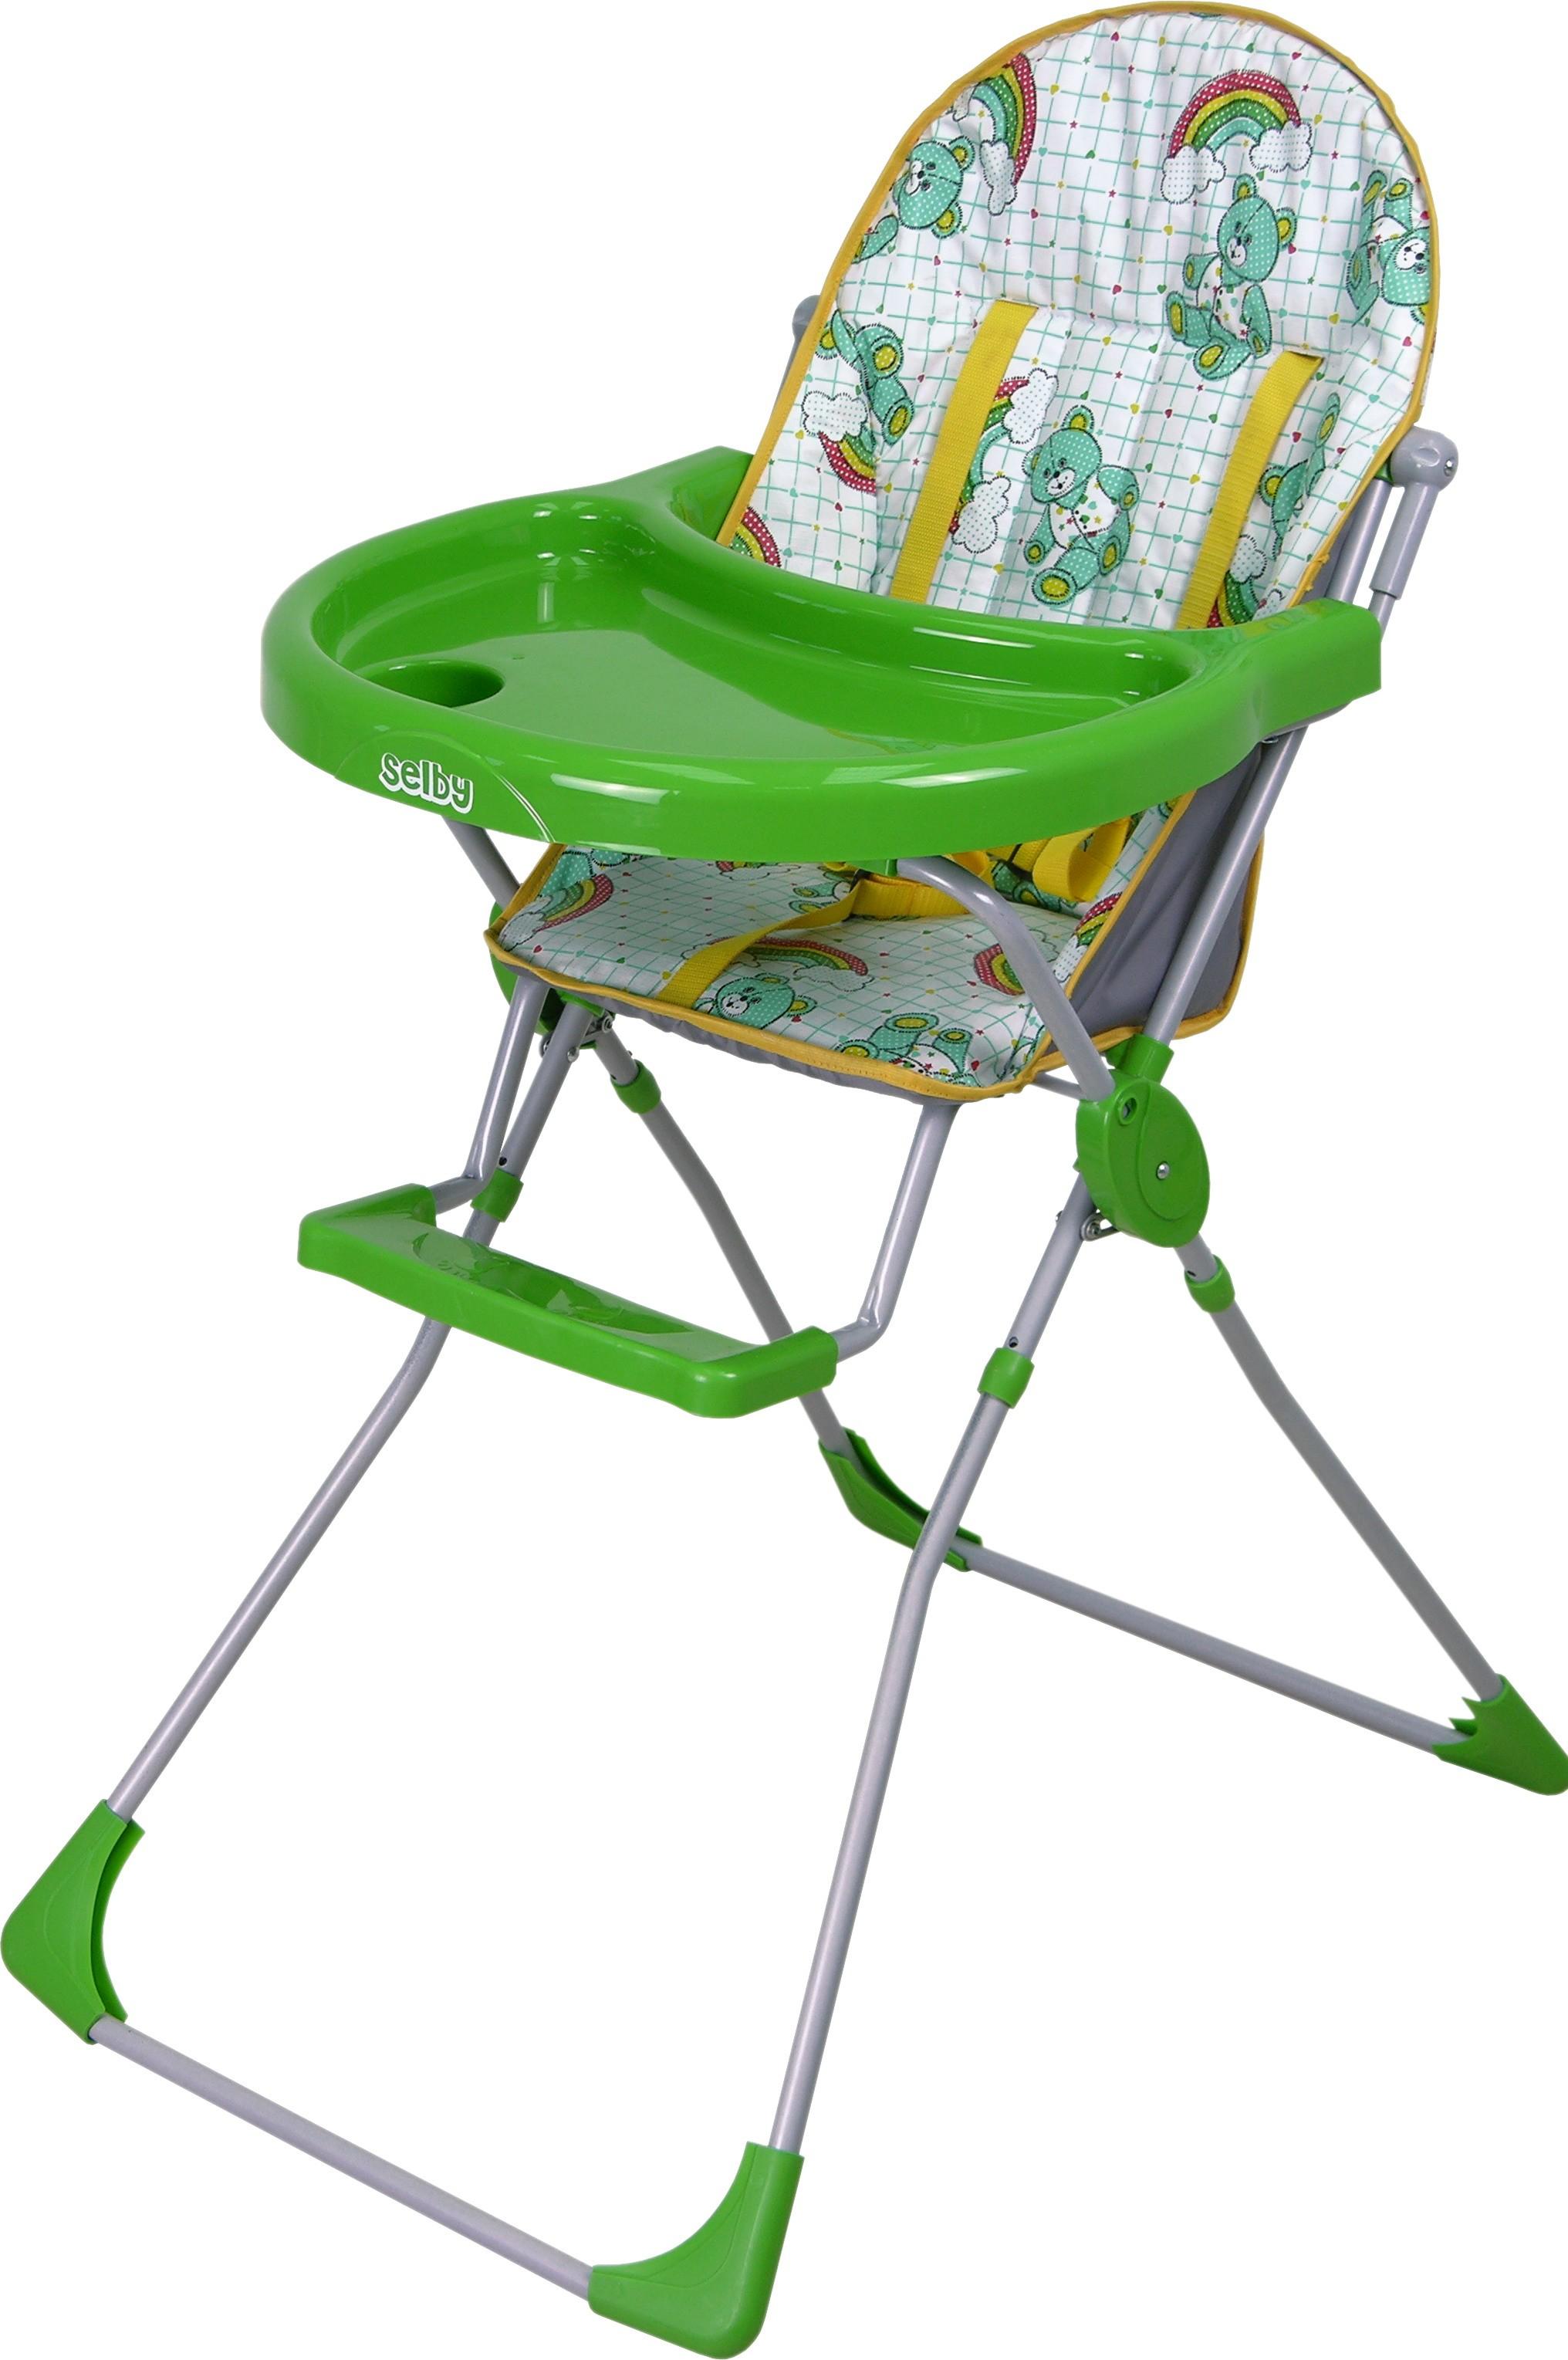 Стульчик для кормления Selby 152, зеленыйСтульчики для кормления<br>Стульчик для кормления Selby 152, зеленый<br>